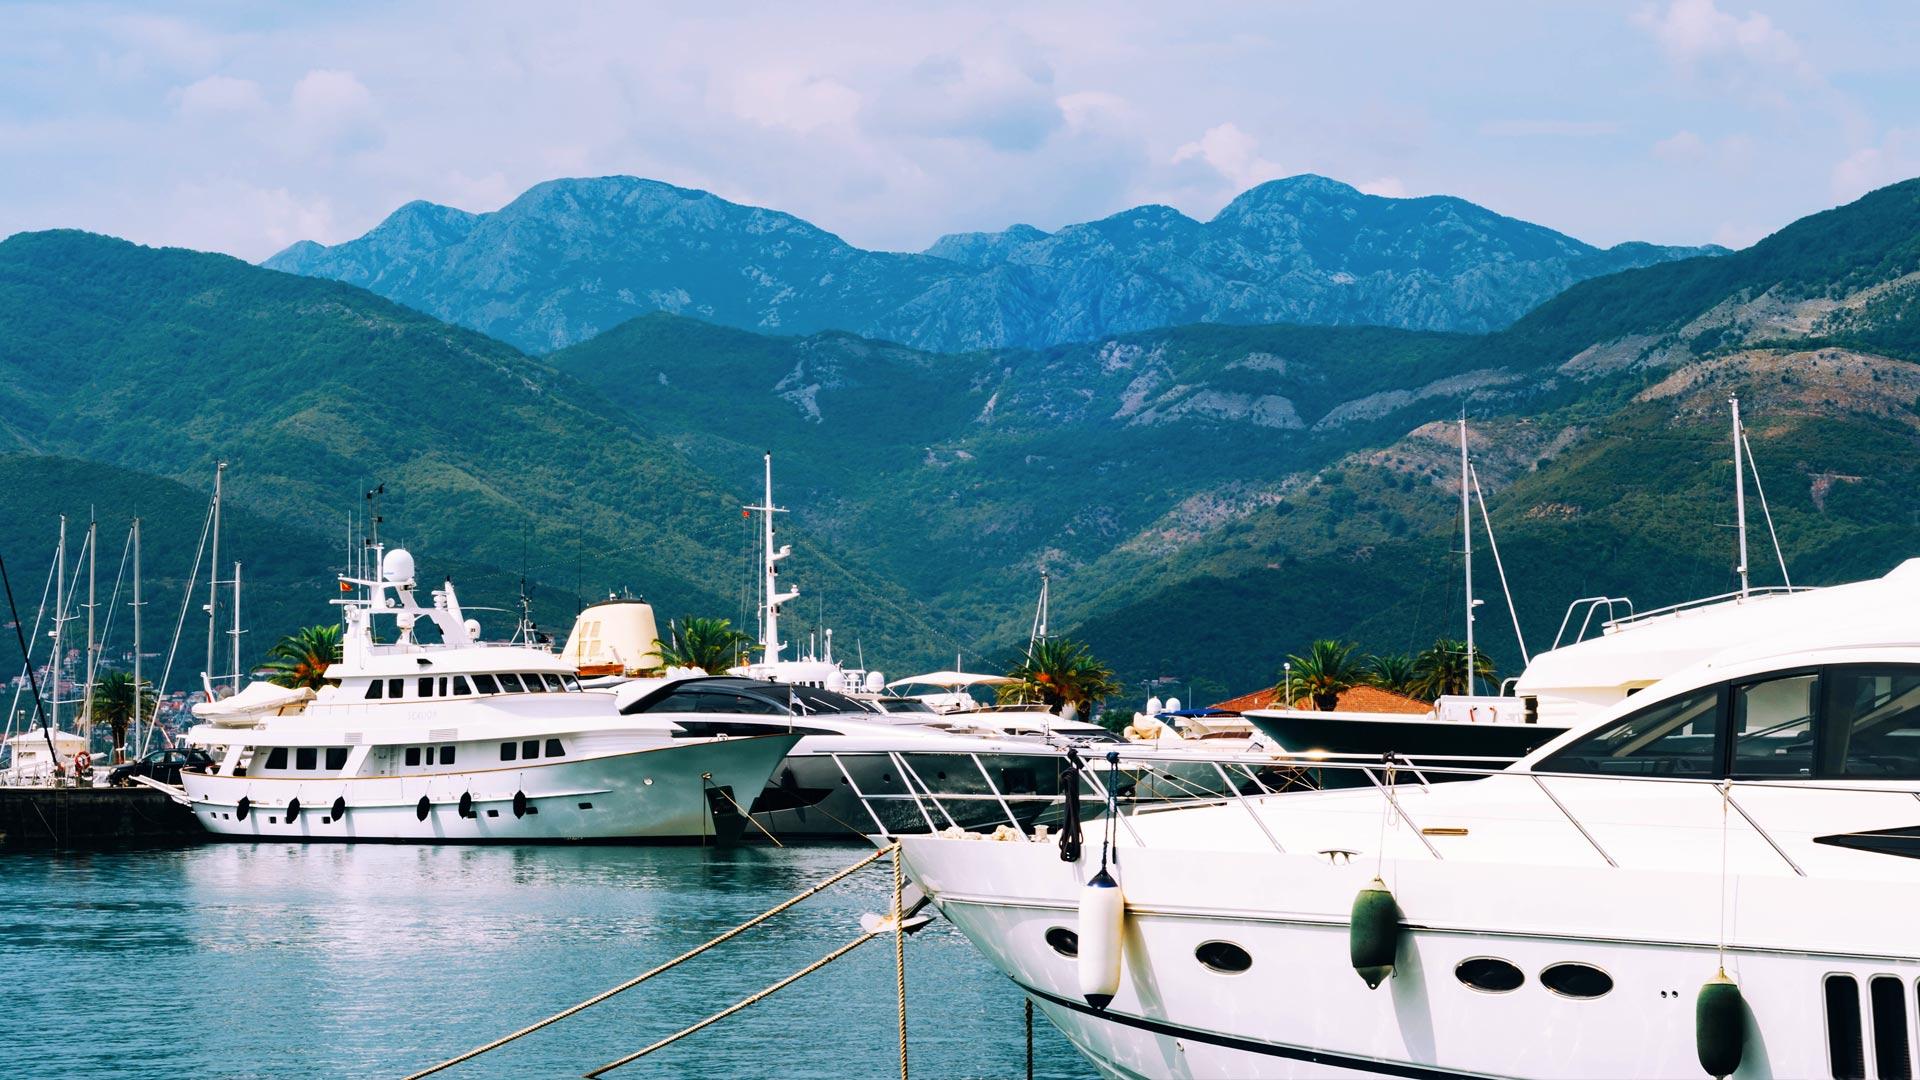 Z kim graniczy Czarnogóra? Sąsiedzi Czarnogóry